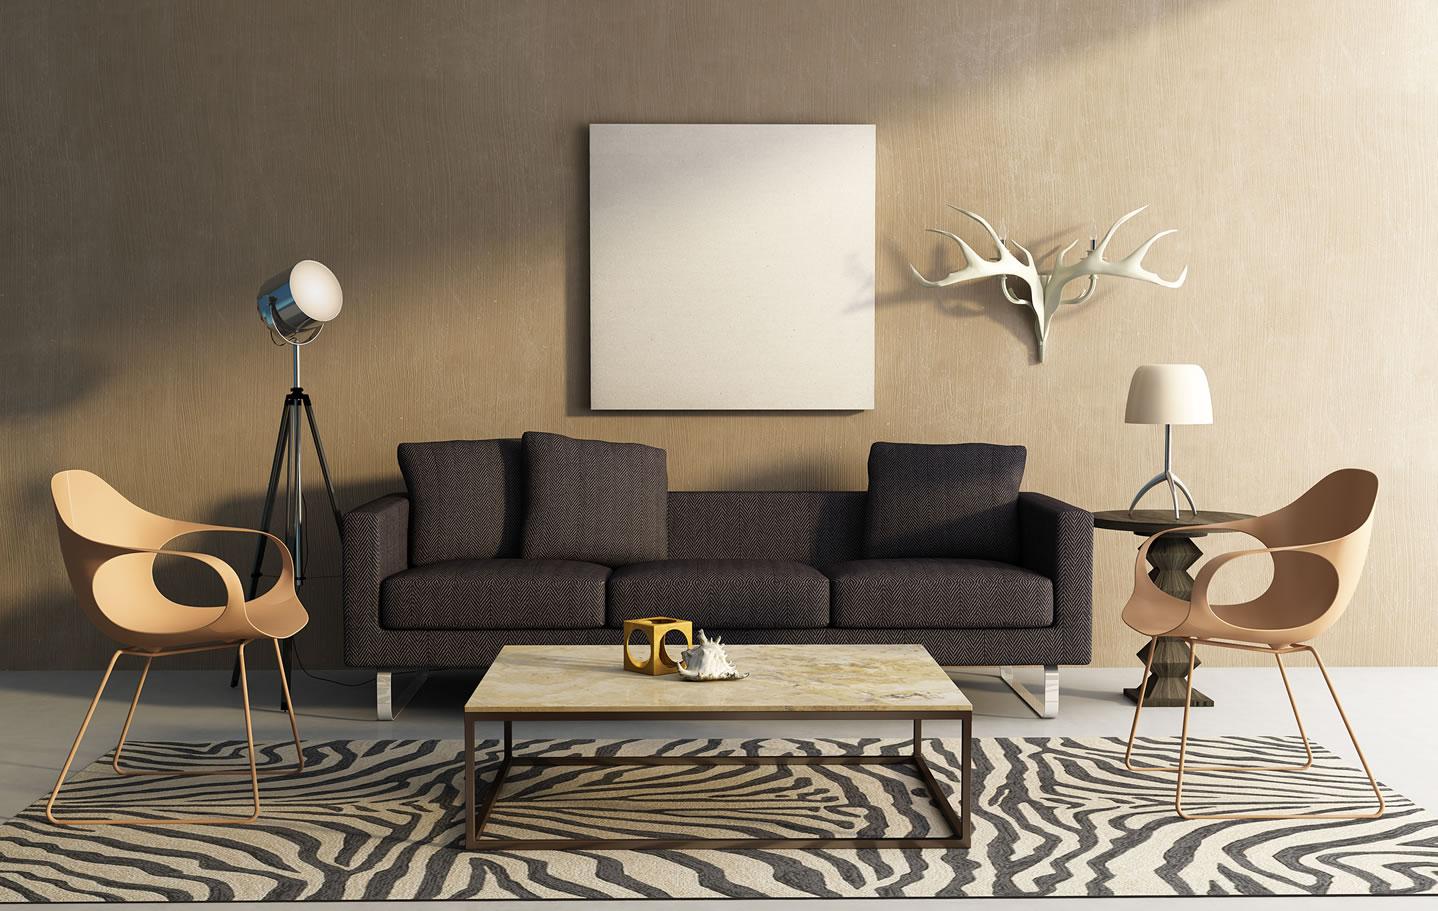 les tendances d co de cette ann e 2016 ma deco maisons. Black Bedroom Furniture Sets. Home Design Ideas